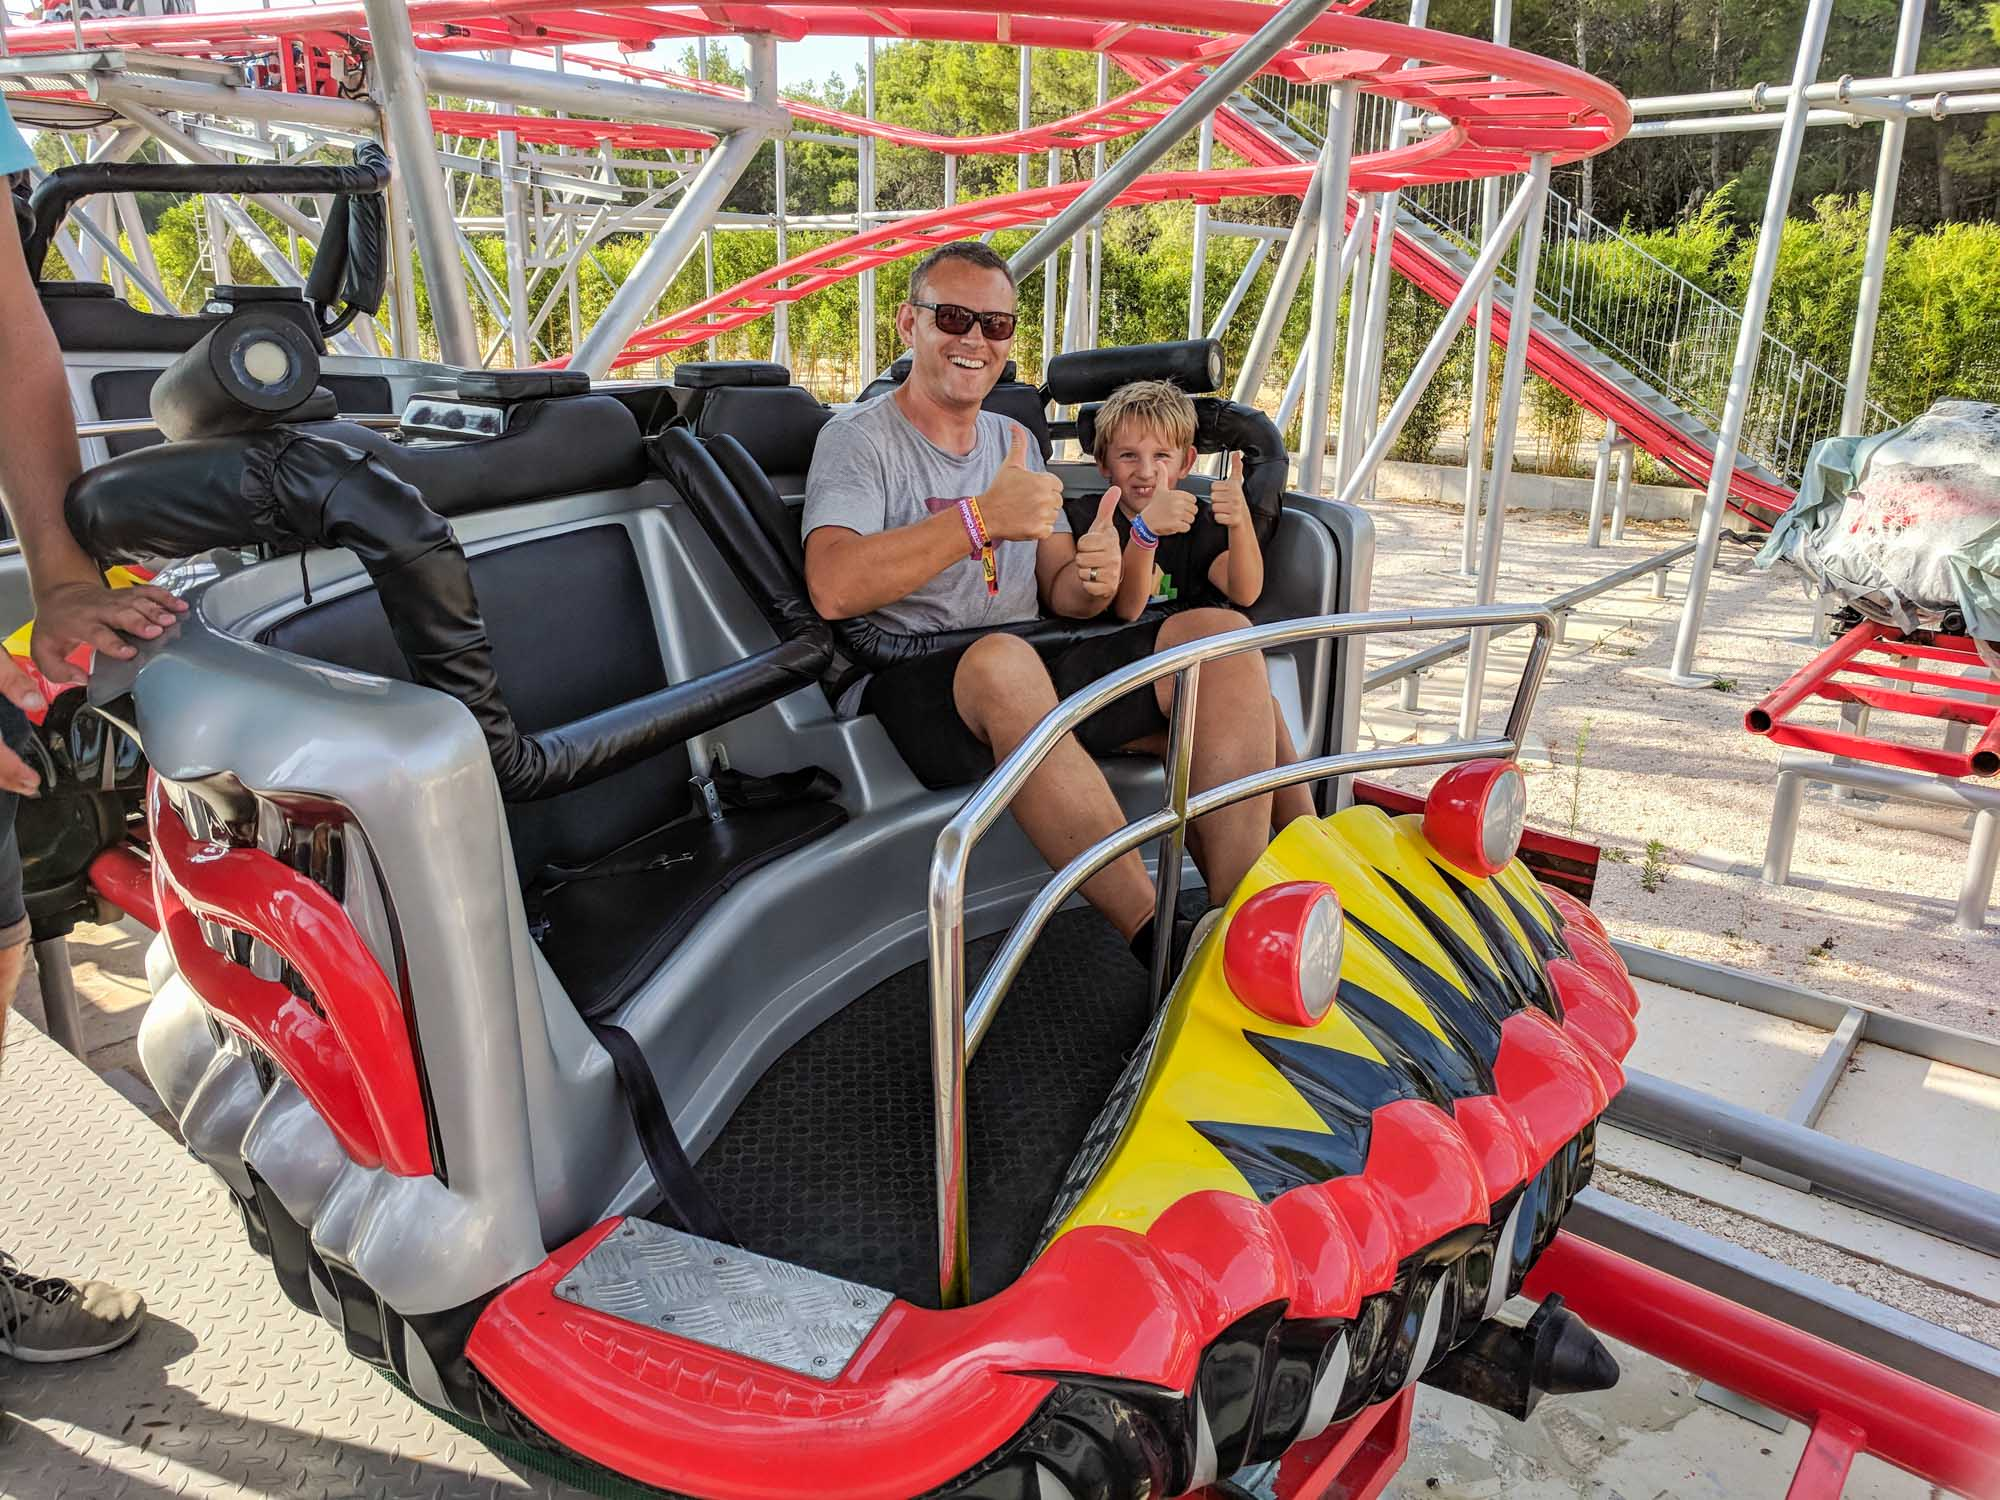 Fun Park Biograd Croatia